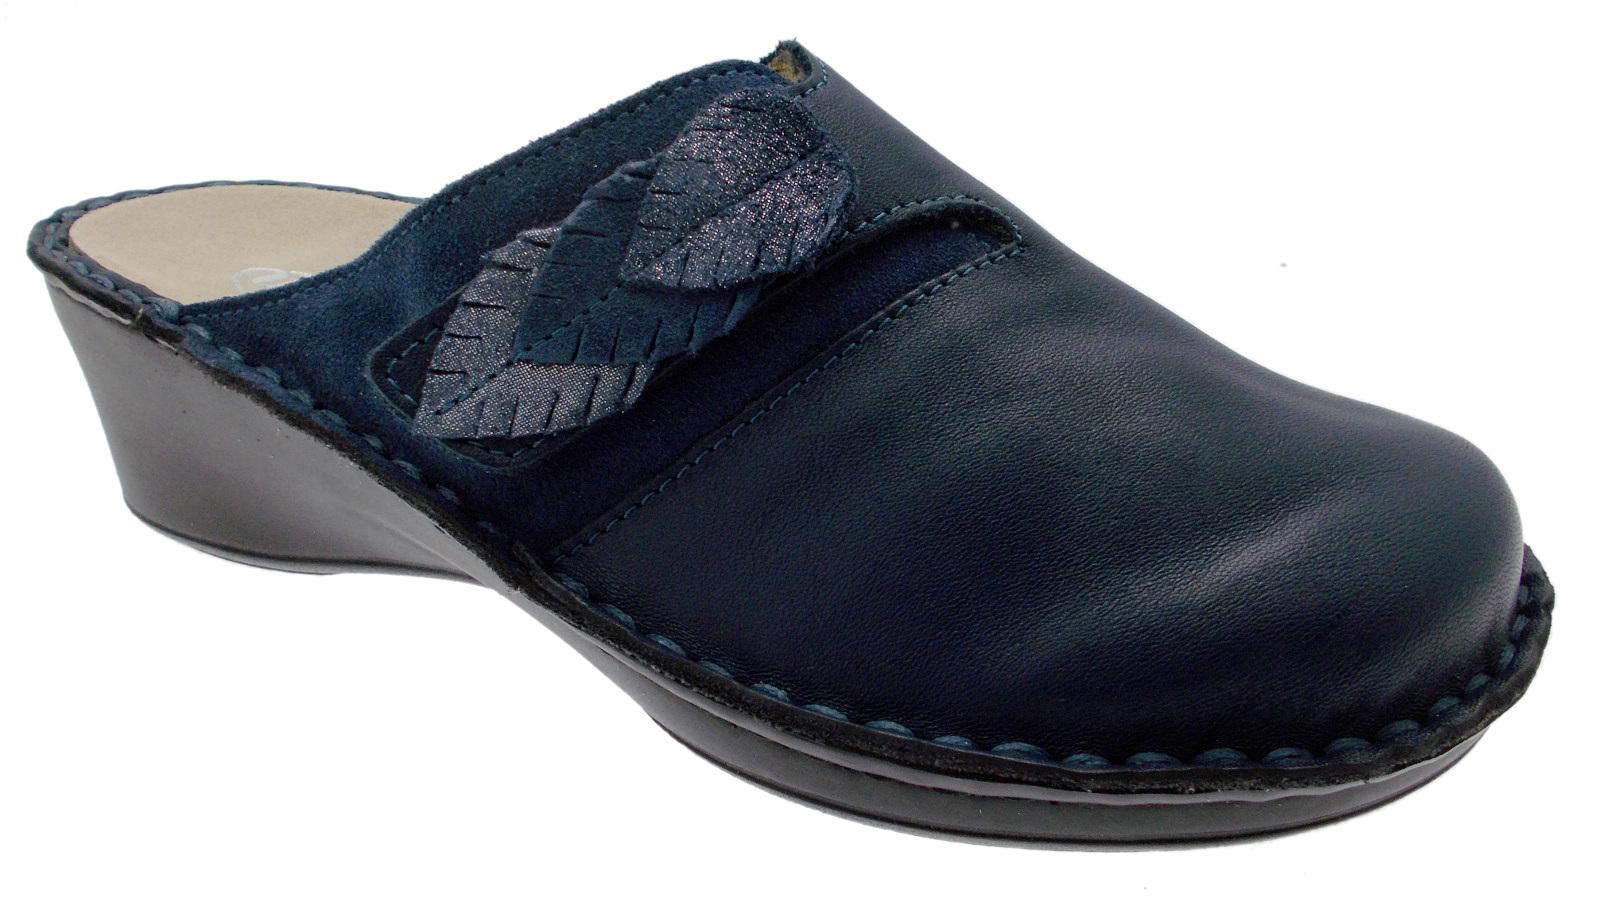 M2683 ciabatta zoccolo blu jeans extra large ortopedica strappo Loren